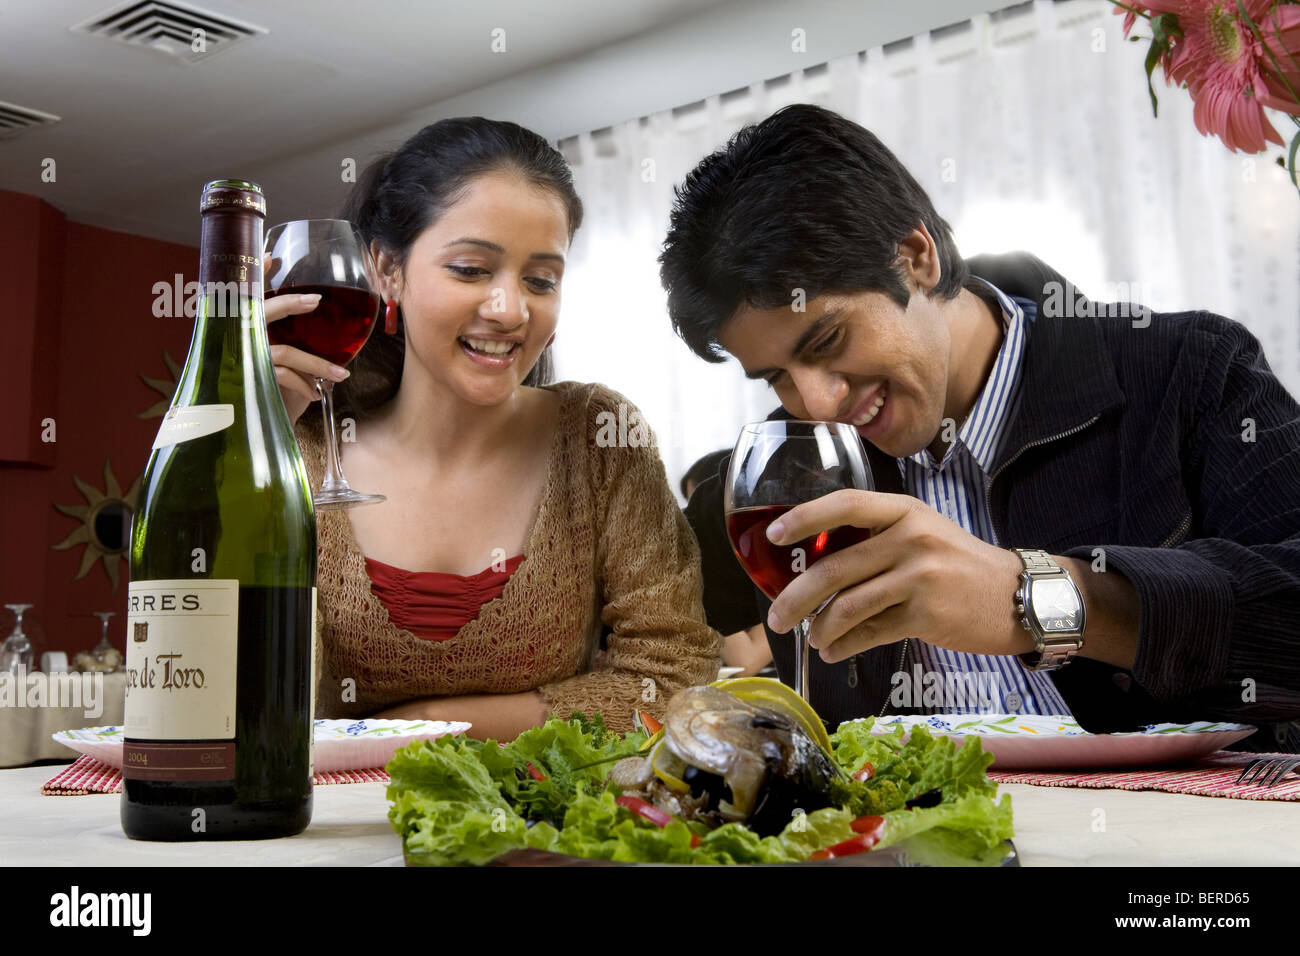 Paar genießt eine Mahlzeit Stockbild